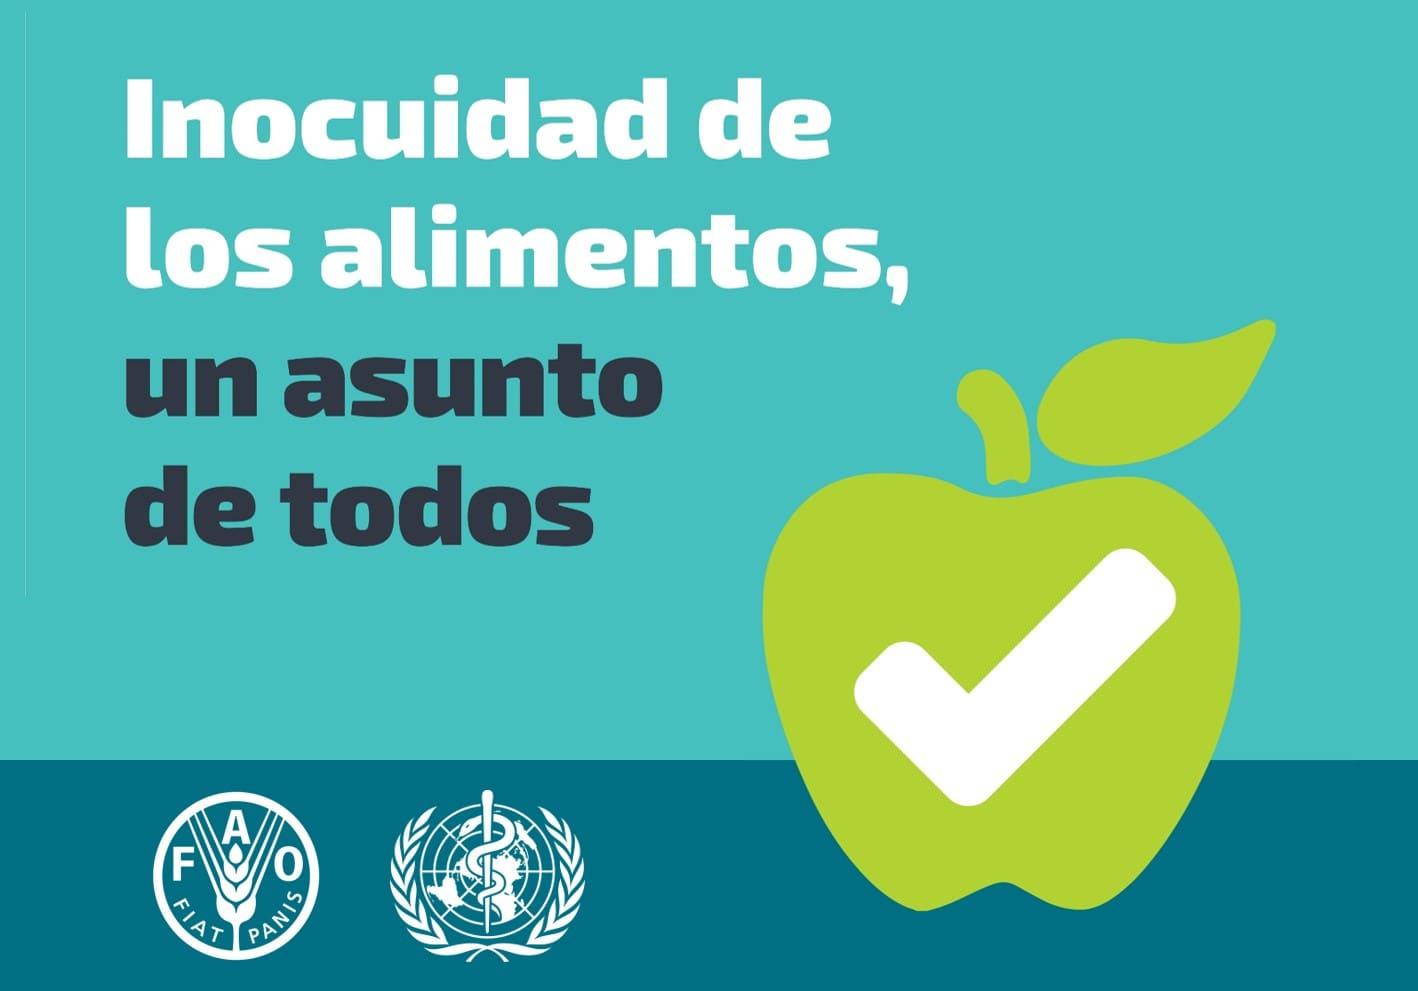 dia mundial de la inocuidad de los alimentos